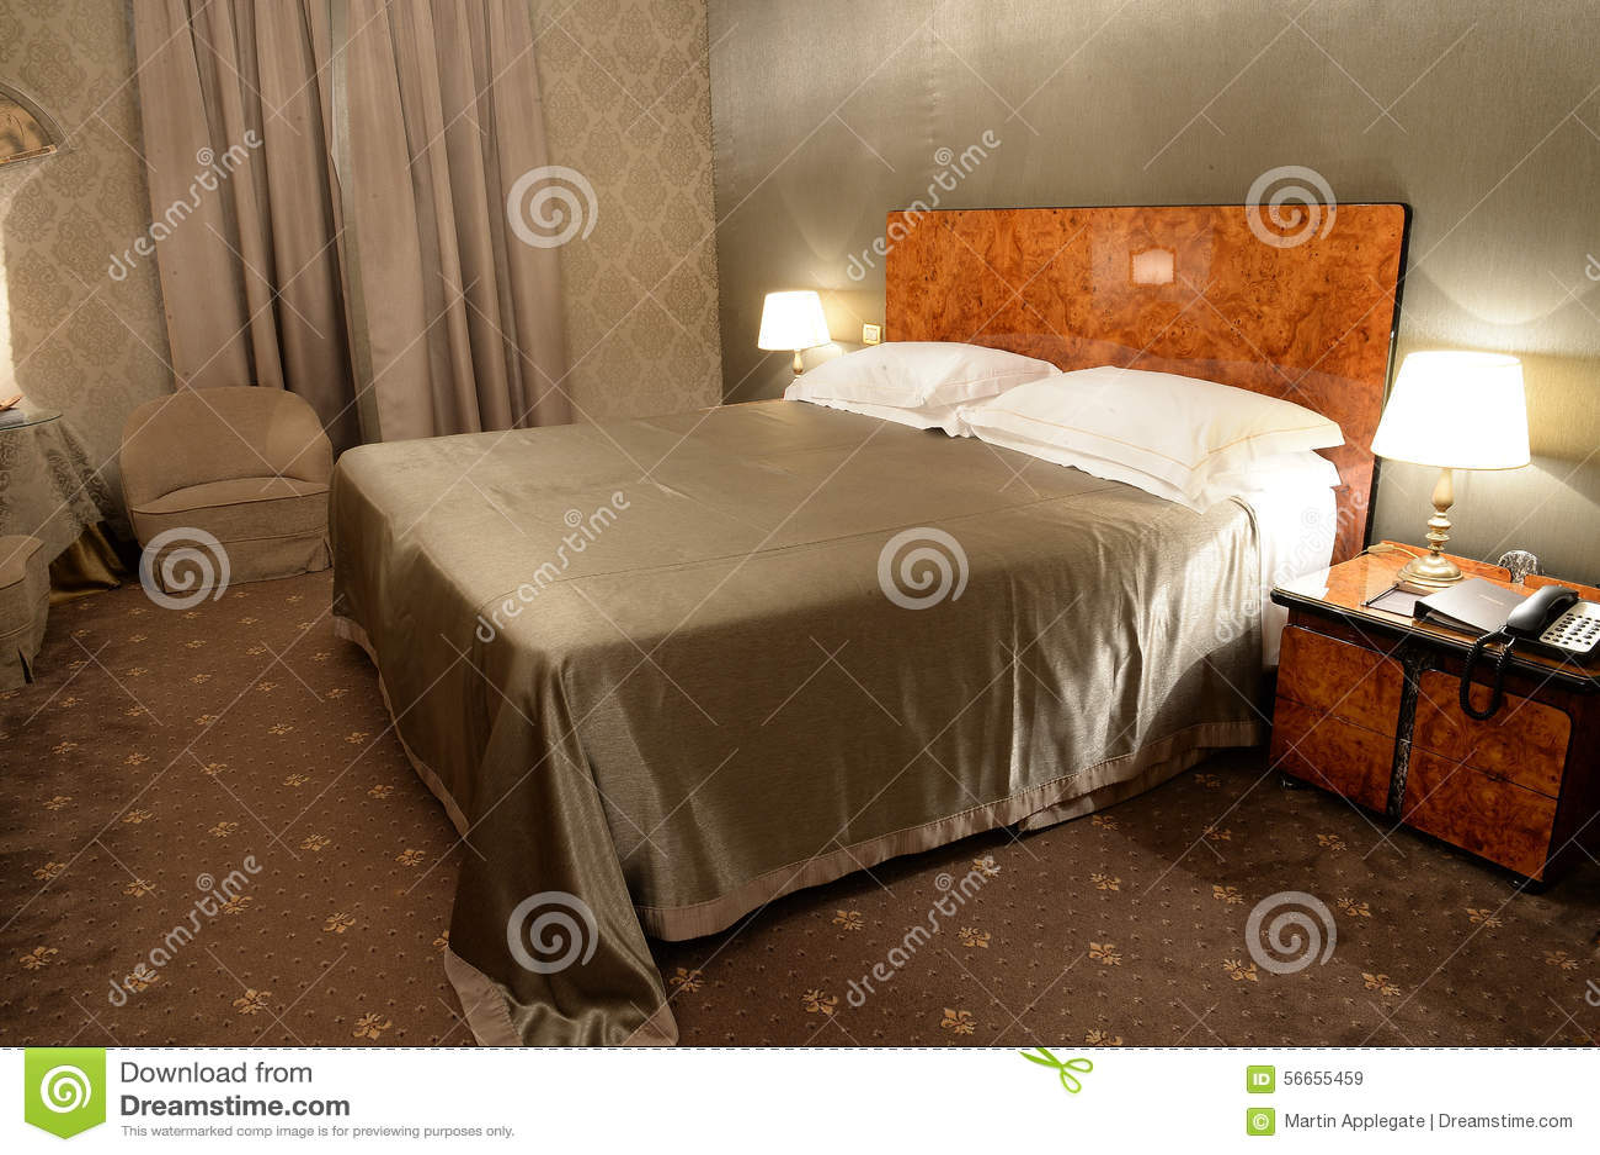 Download Schlafzimmer Im Braun Stockbild. Bild Von Unbesetzt, Geschlossen    56655459